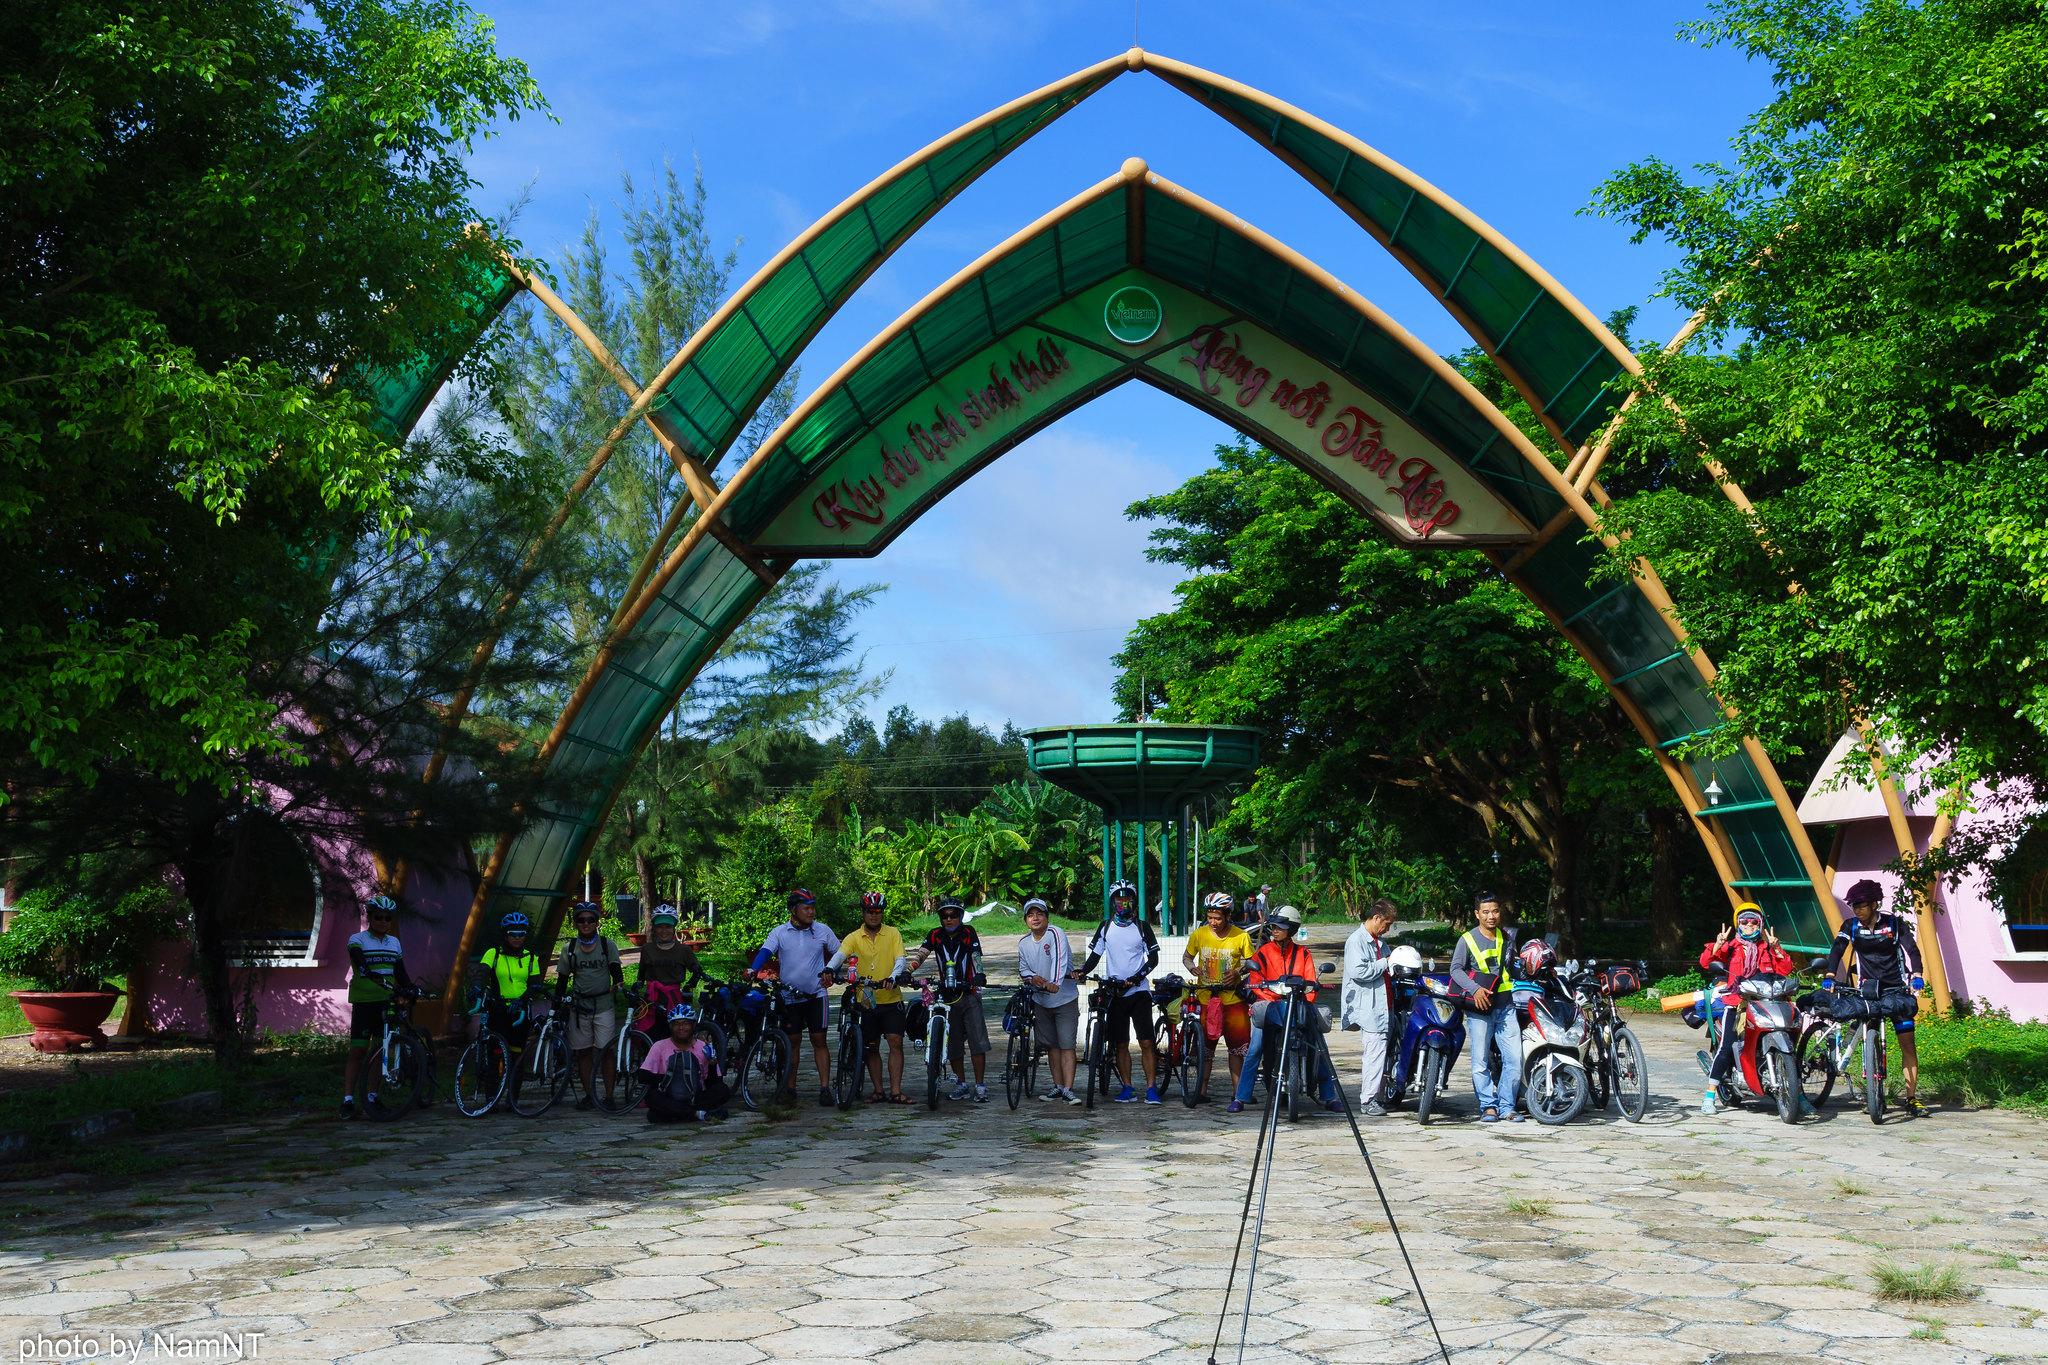 21217324548 98a41cc556 k - SG- Tân An Mộc Hóa : Khám phá làng nổi Tân Lập